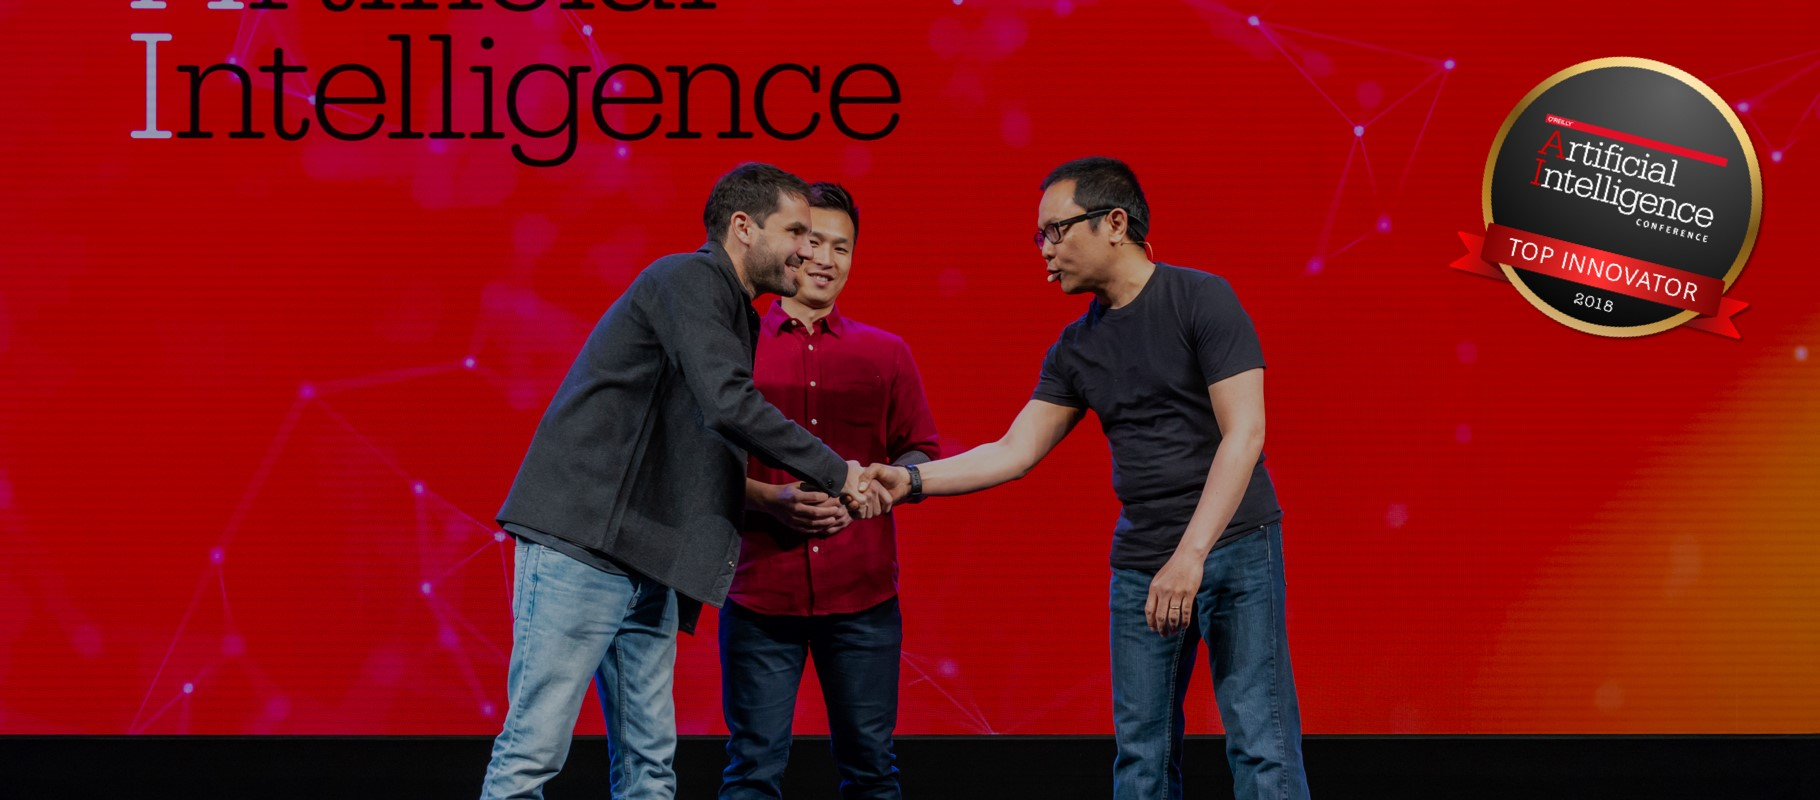 2018年纽约AI大会的最佳创新奖-timi机器人